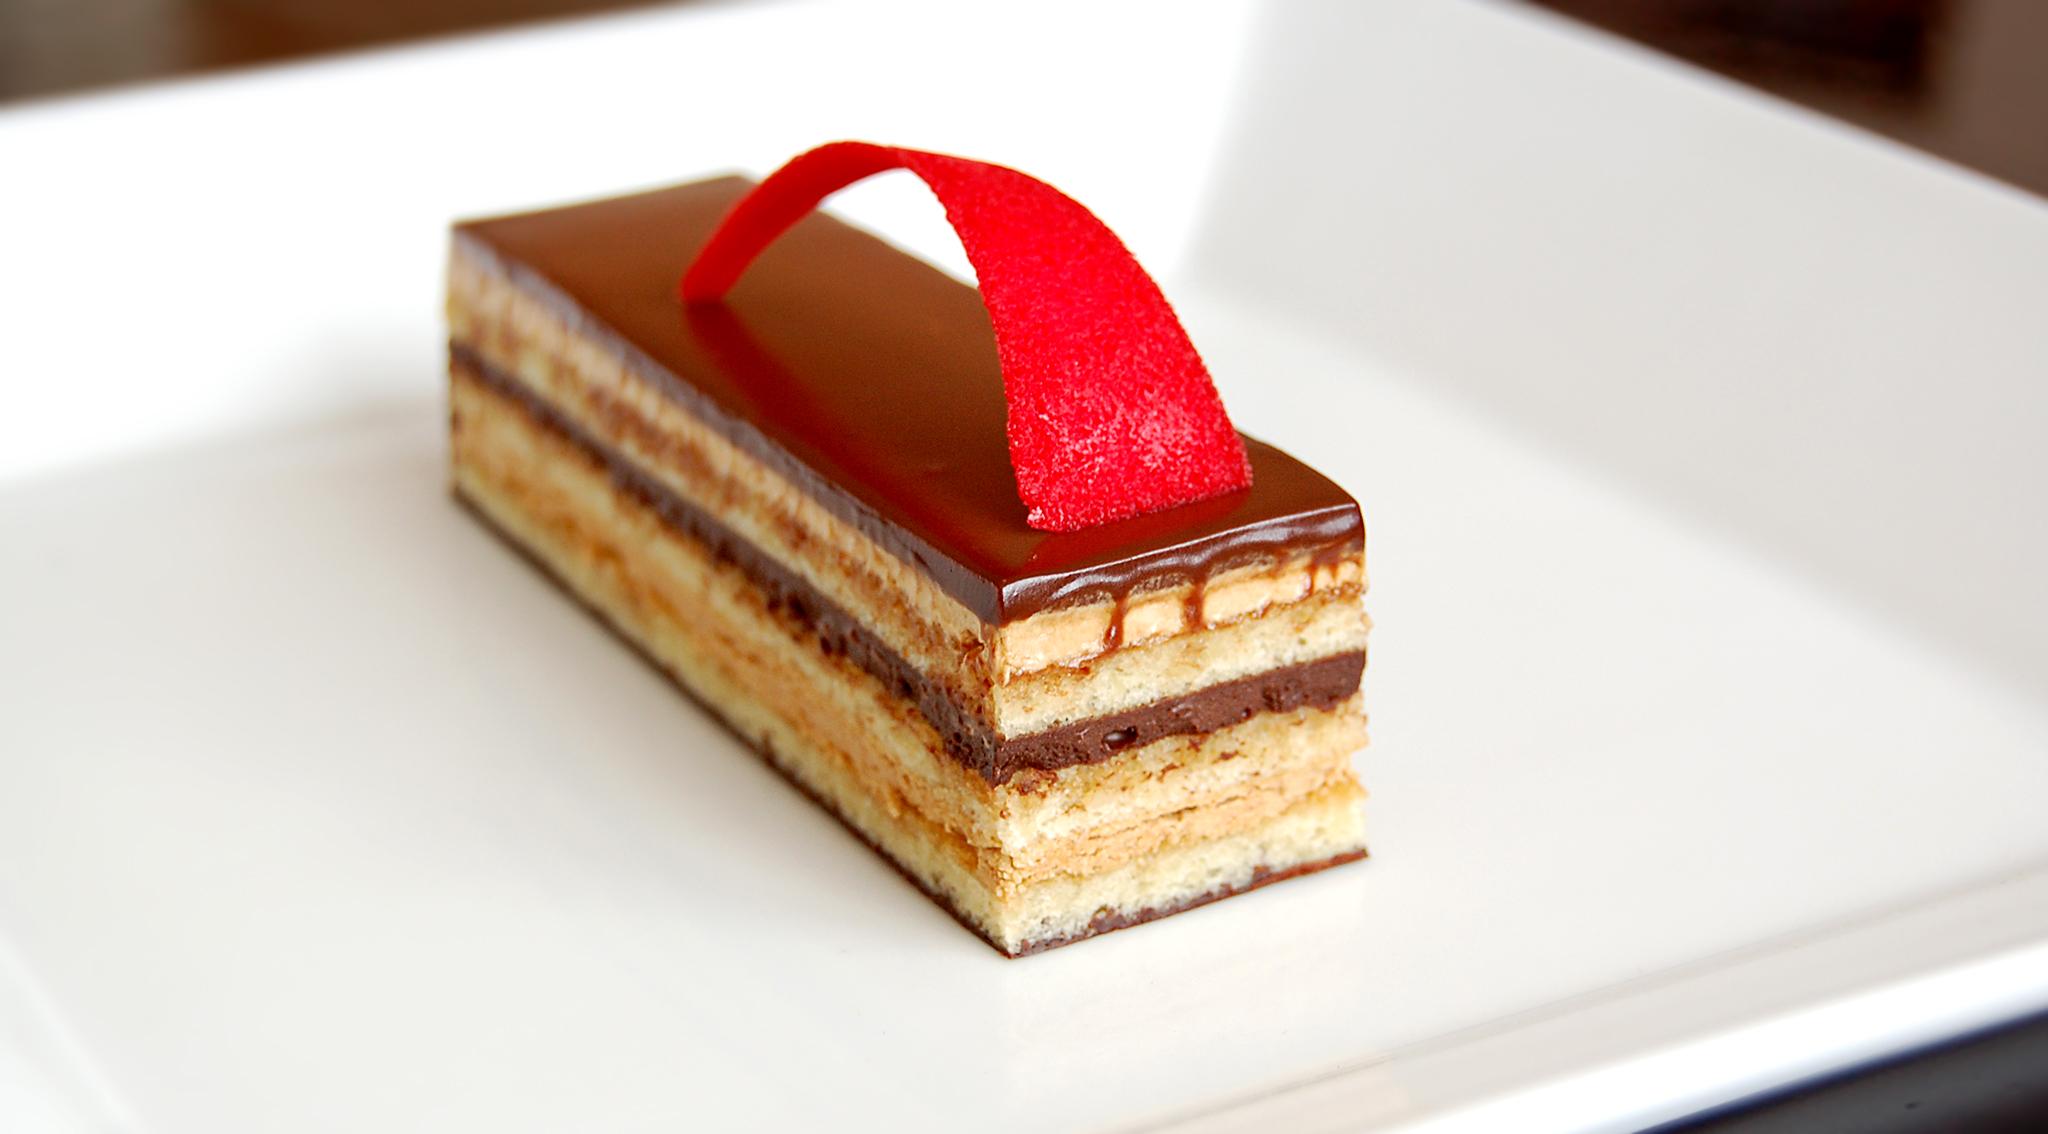 Recettes de crème au beurre par Pastry \u0026 Sports  Opéra.